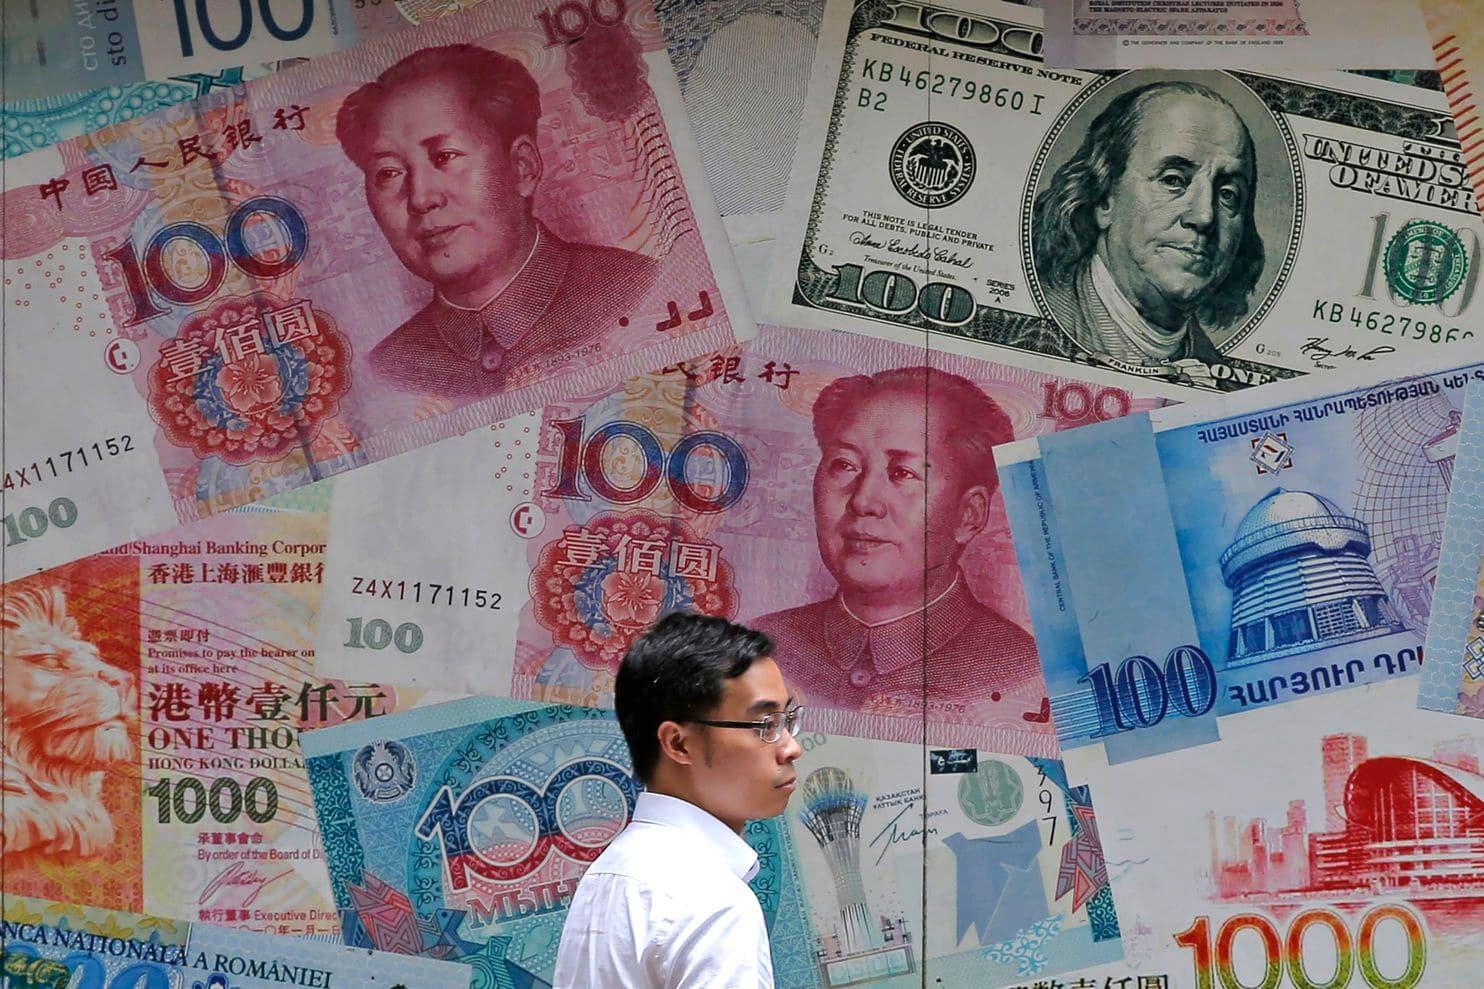 La Chine ne peut pas se permettre une guerre monétaire avec les États-Unis. (Source : Washington Post)